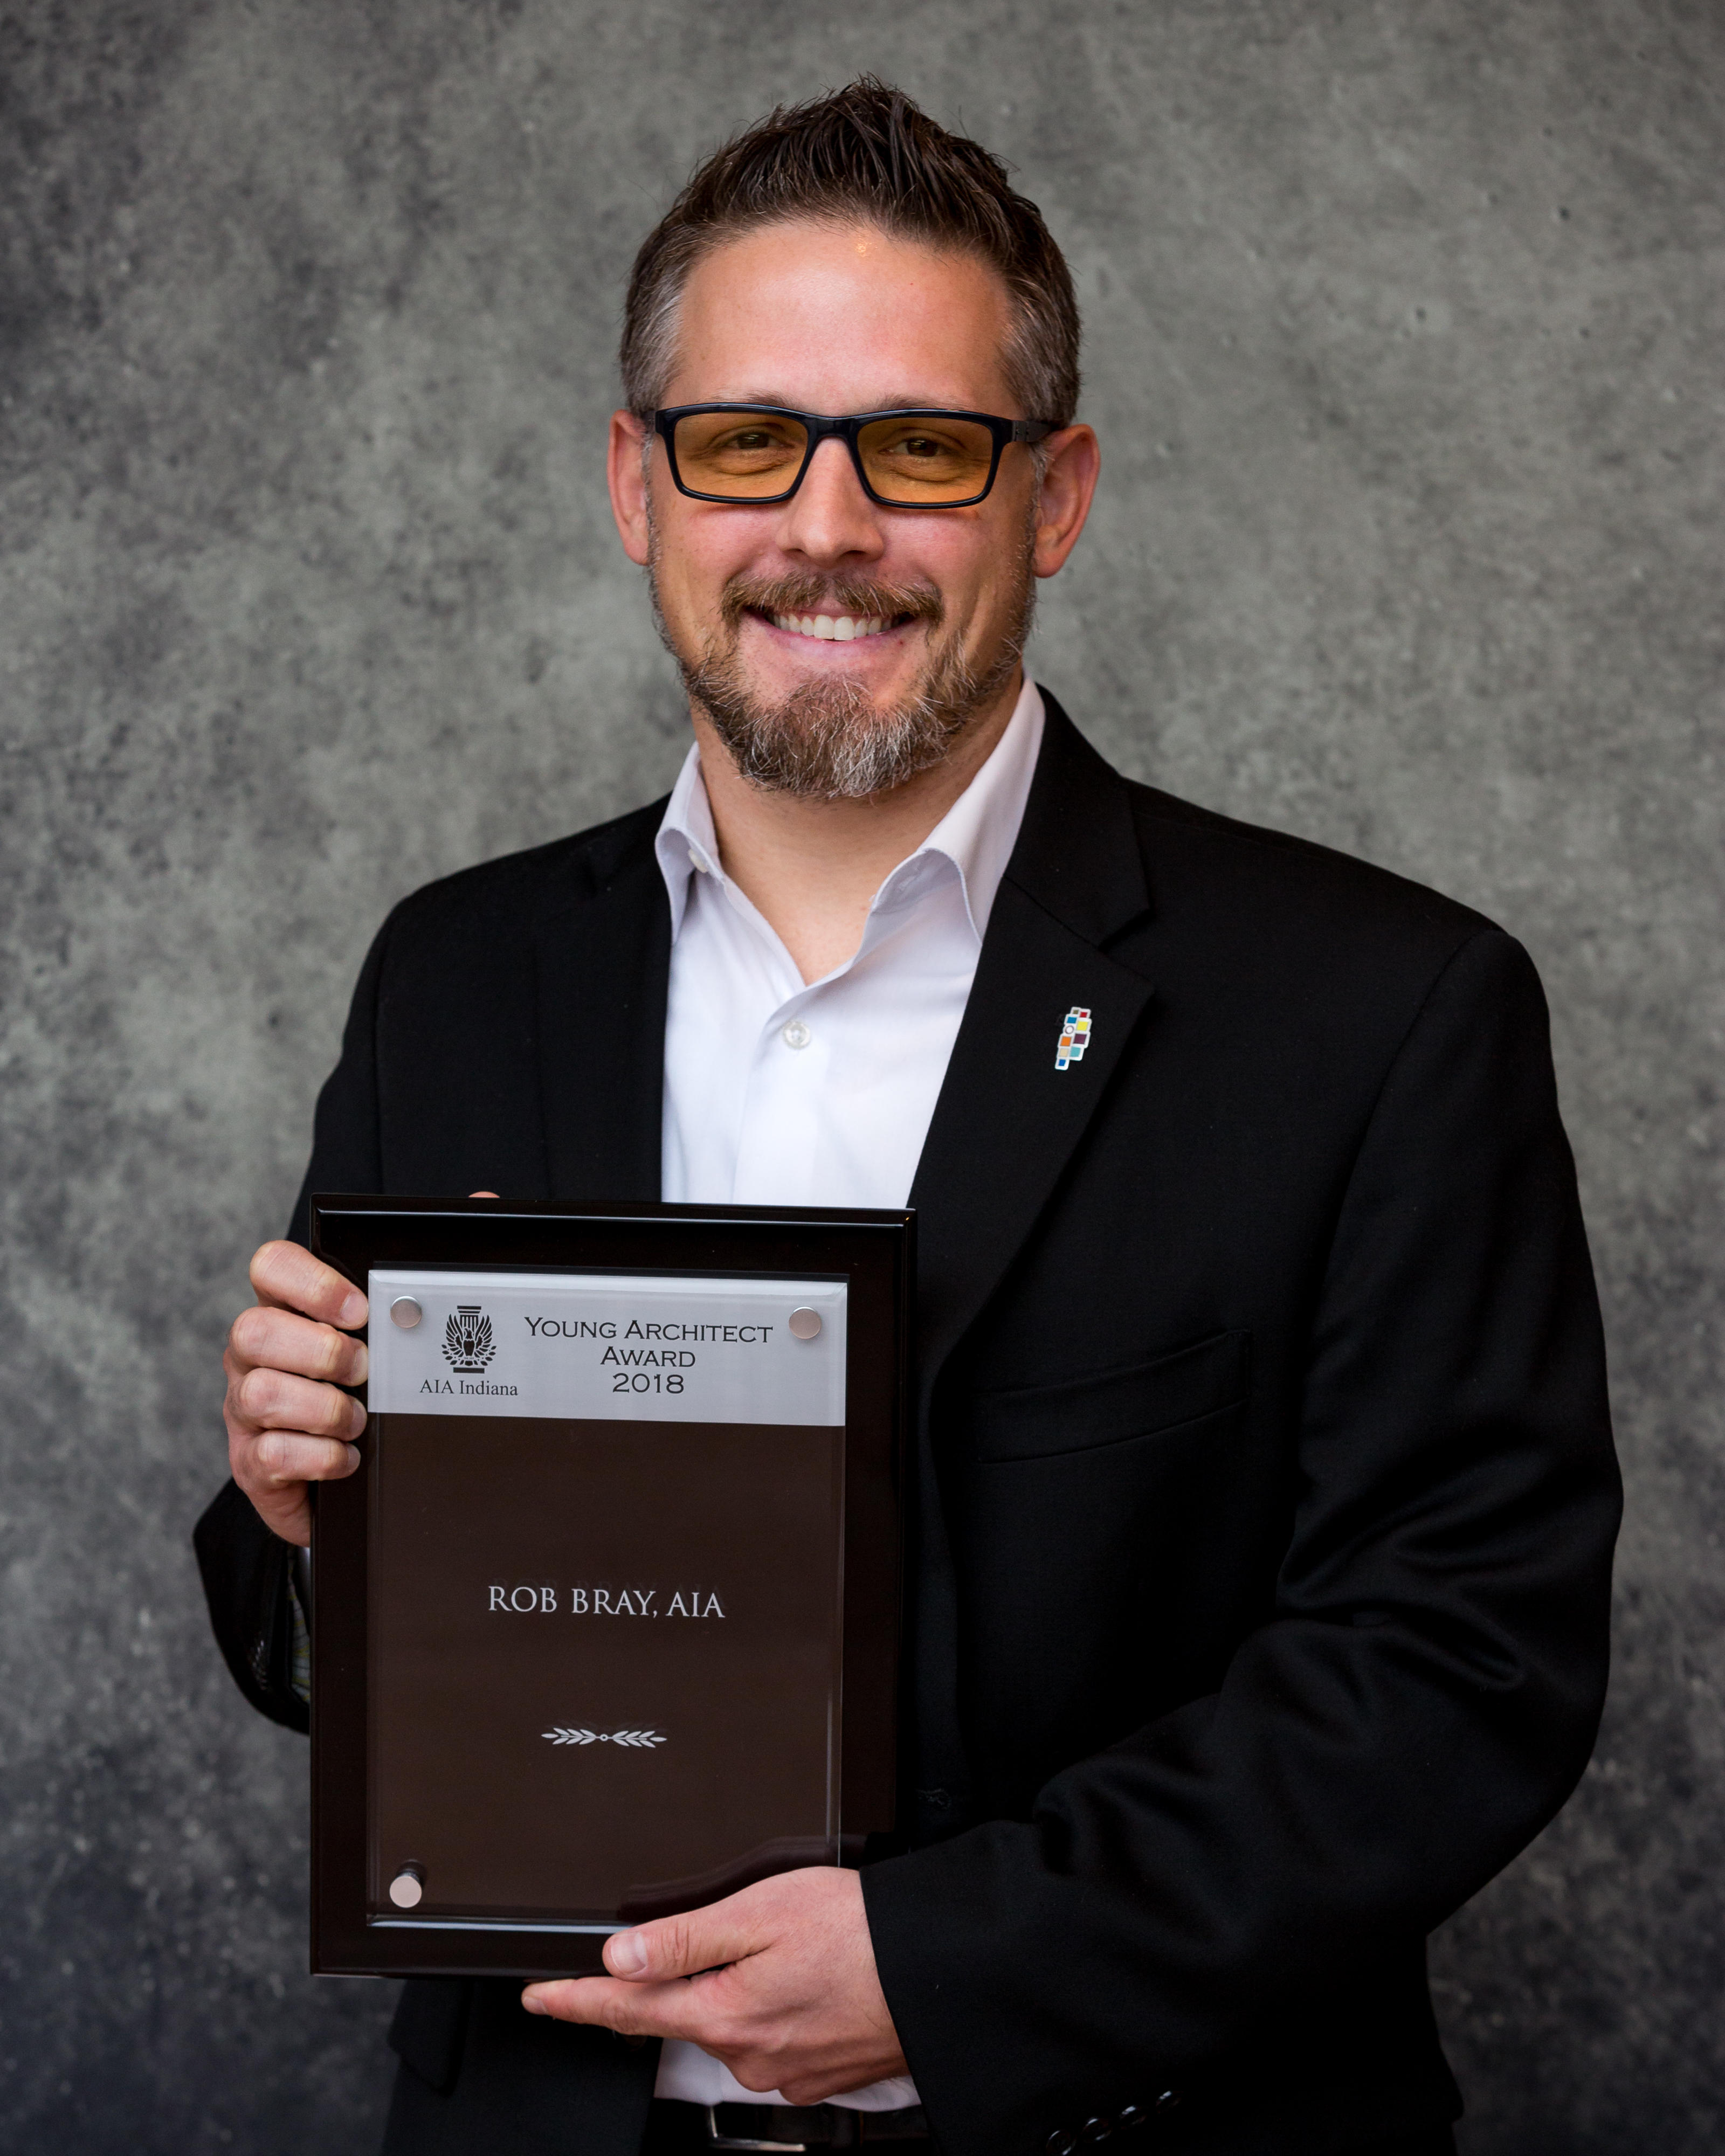 AIA Indiana Awards September 27 2018 Tony Vasquez 13b